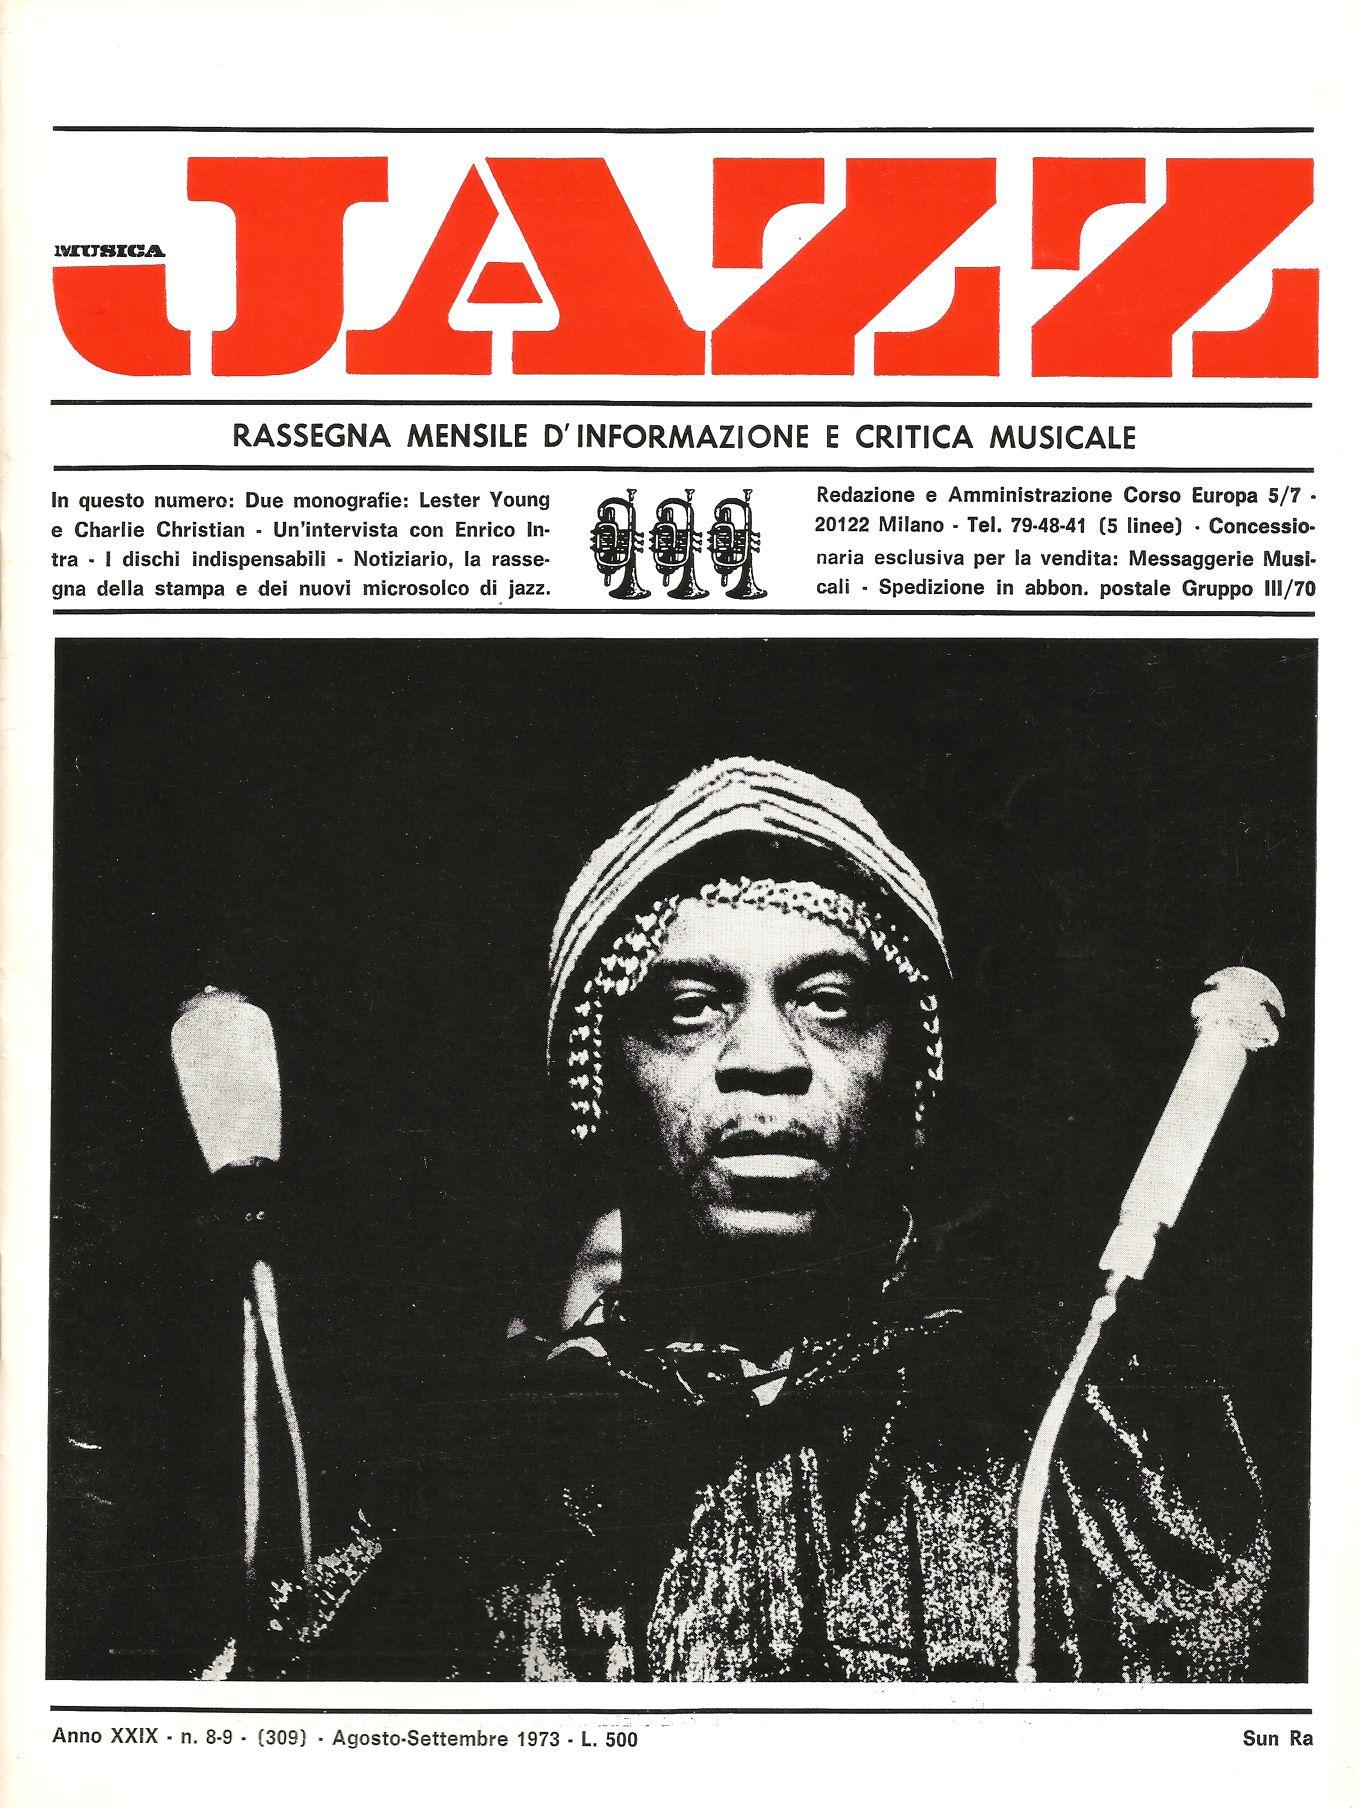 Musica Jazz - Anno XXIX, n°8-9 - Agosto-Settembre 1973; photo: Sun Ra by Roberto Masotti